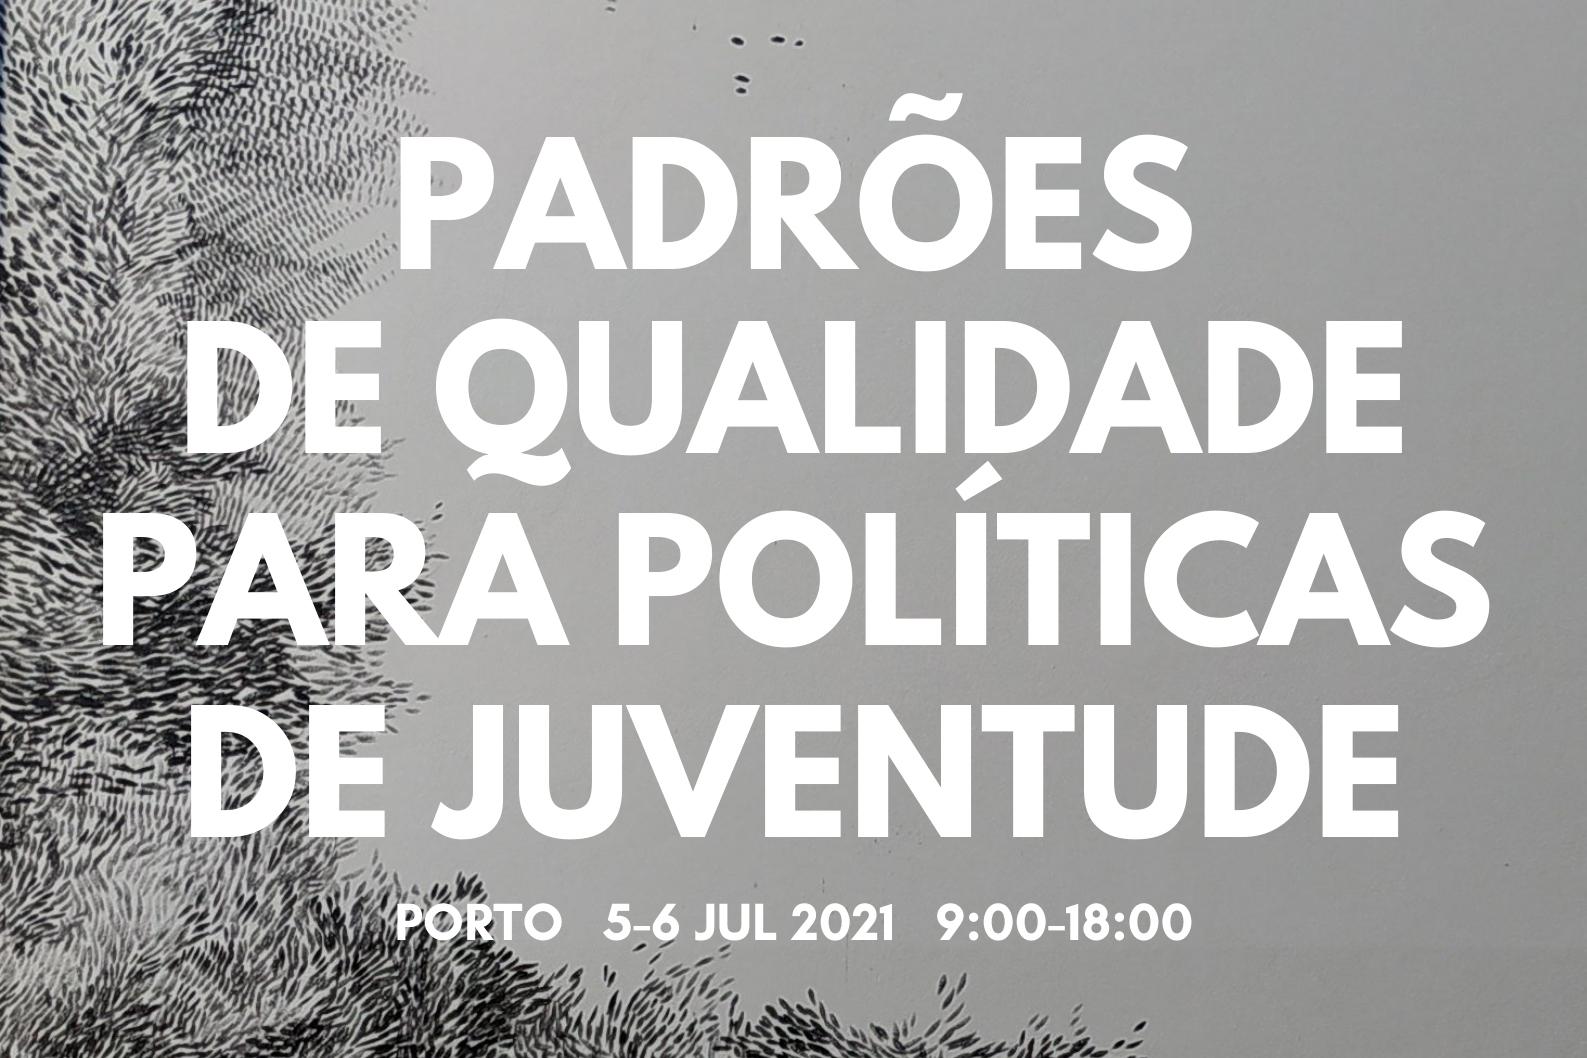 Formação e colaboração Padrões de Qualidade para Políticas de Juventude 5 e 6 de julho das 9h às 18h